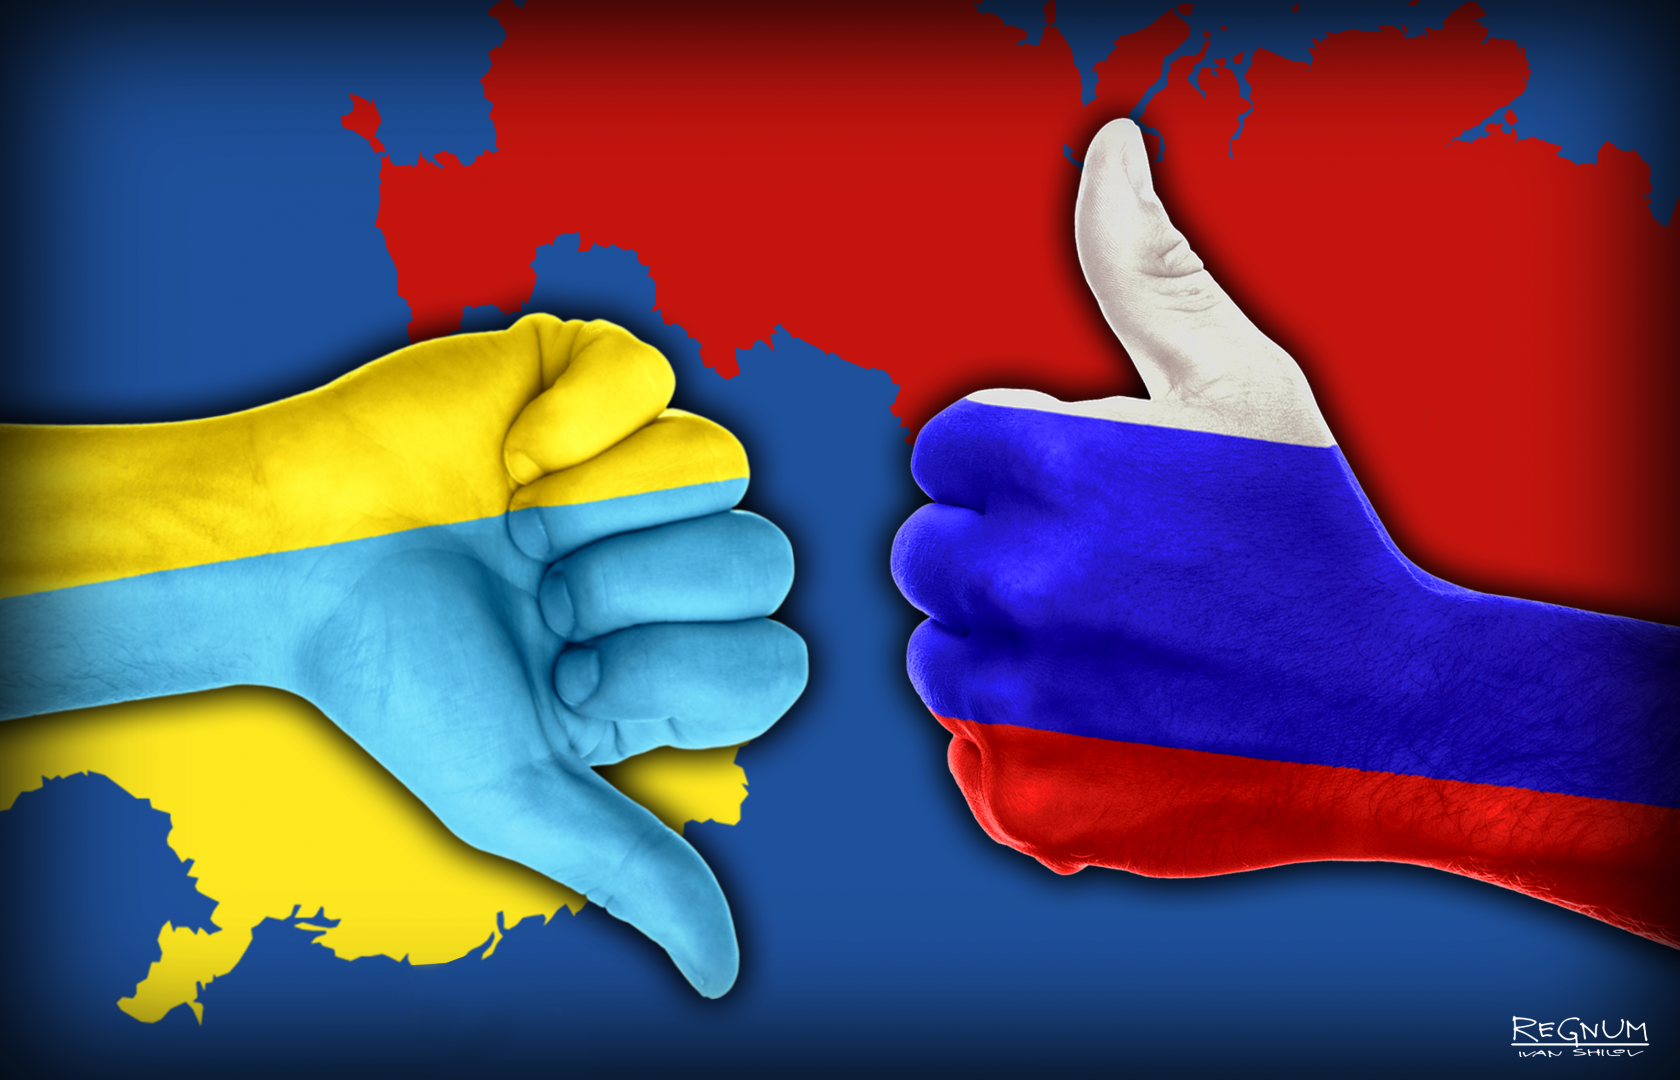 украина против россии картинки стали национальной